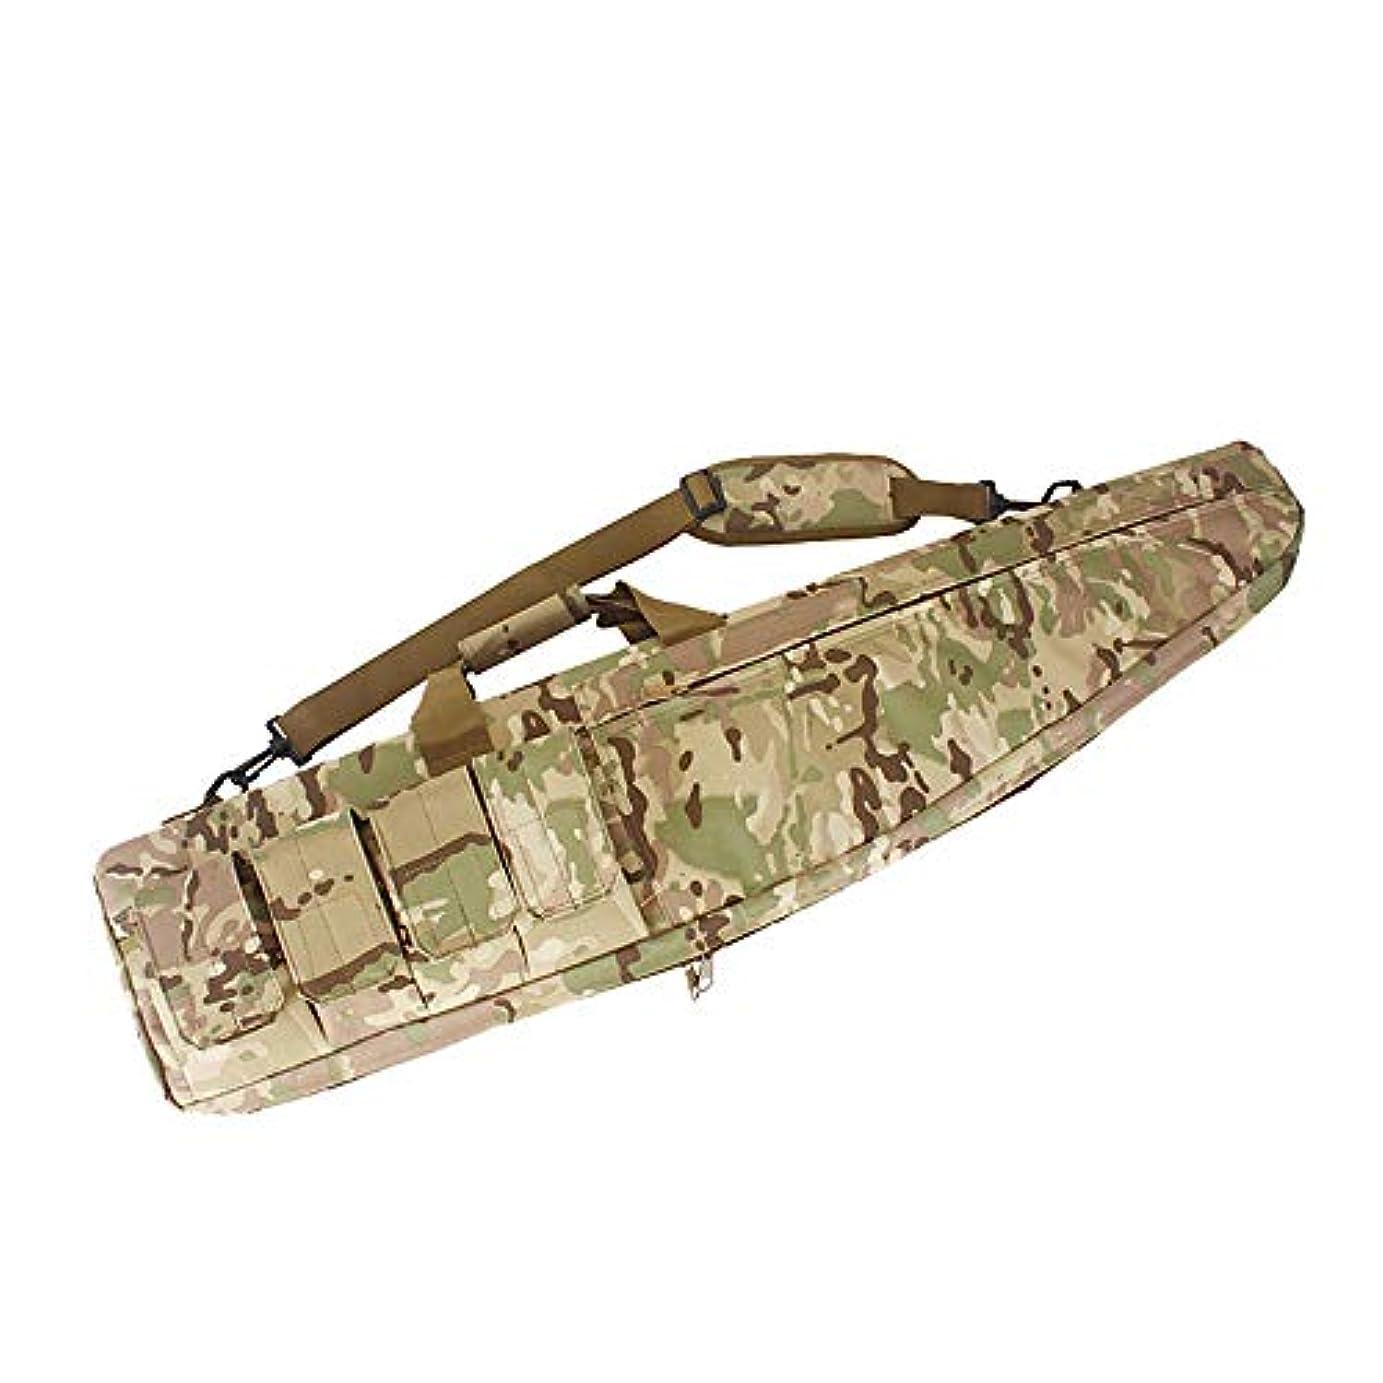 製品世界記録のギネスブック汚染恵\イーサン ポータブル 釣りロッド 釣り竿 ツール収納袋ロッドケース EVA 耐衝撃性 タックルバッグ 100cm